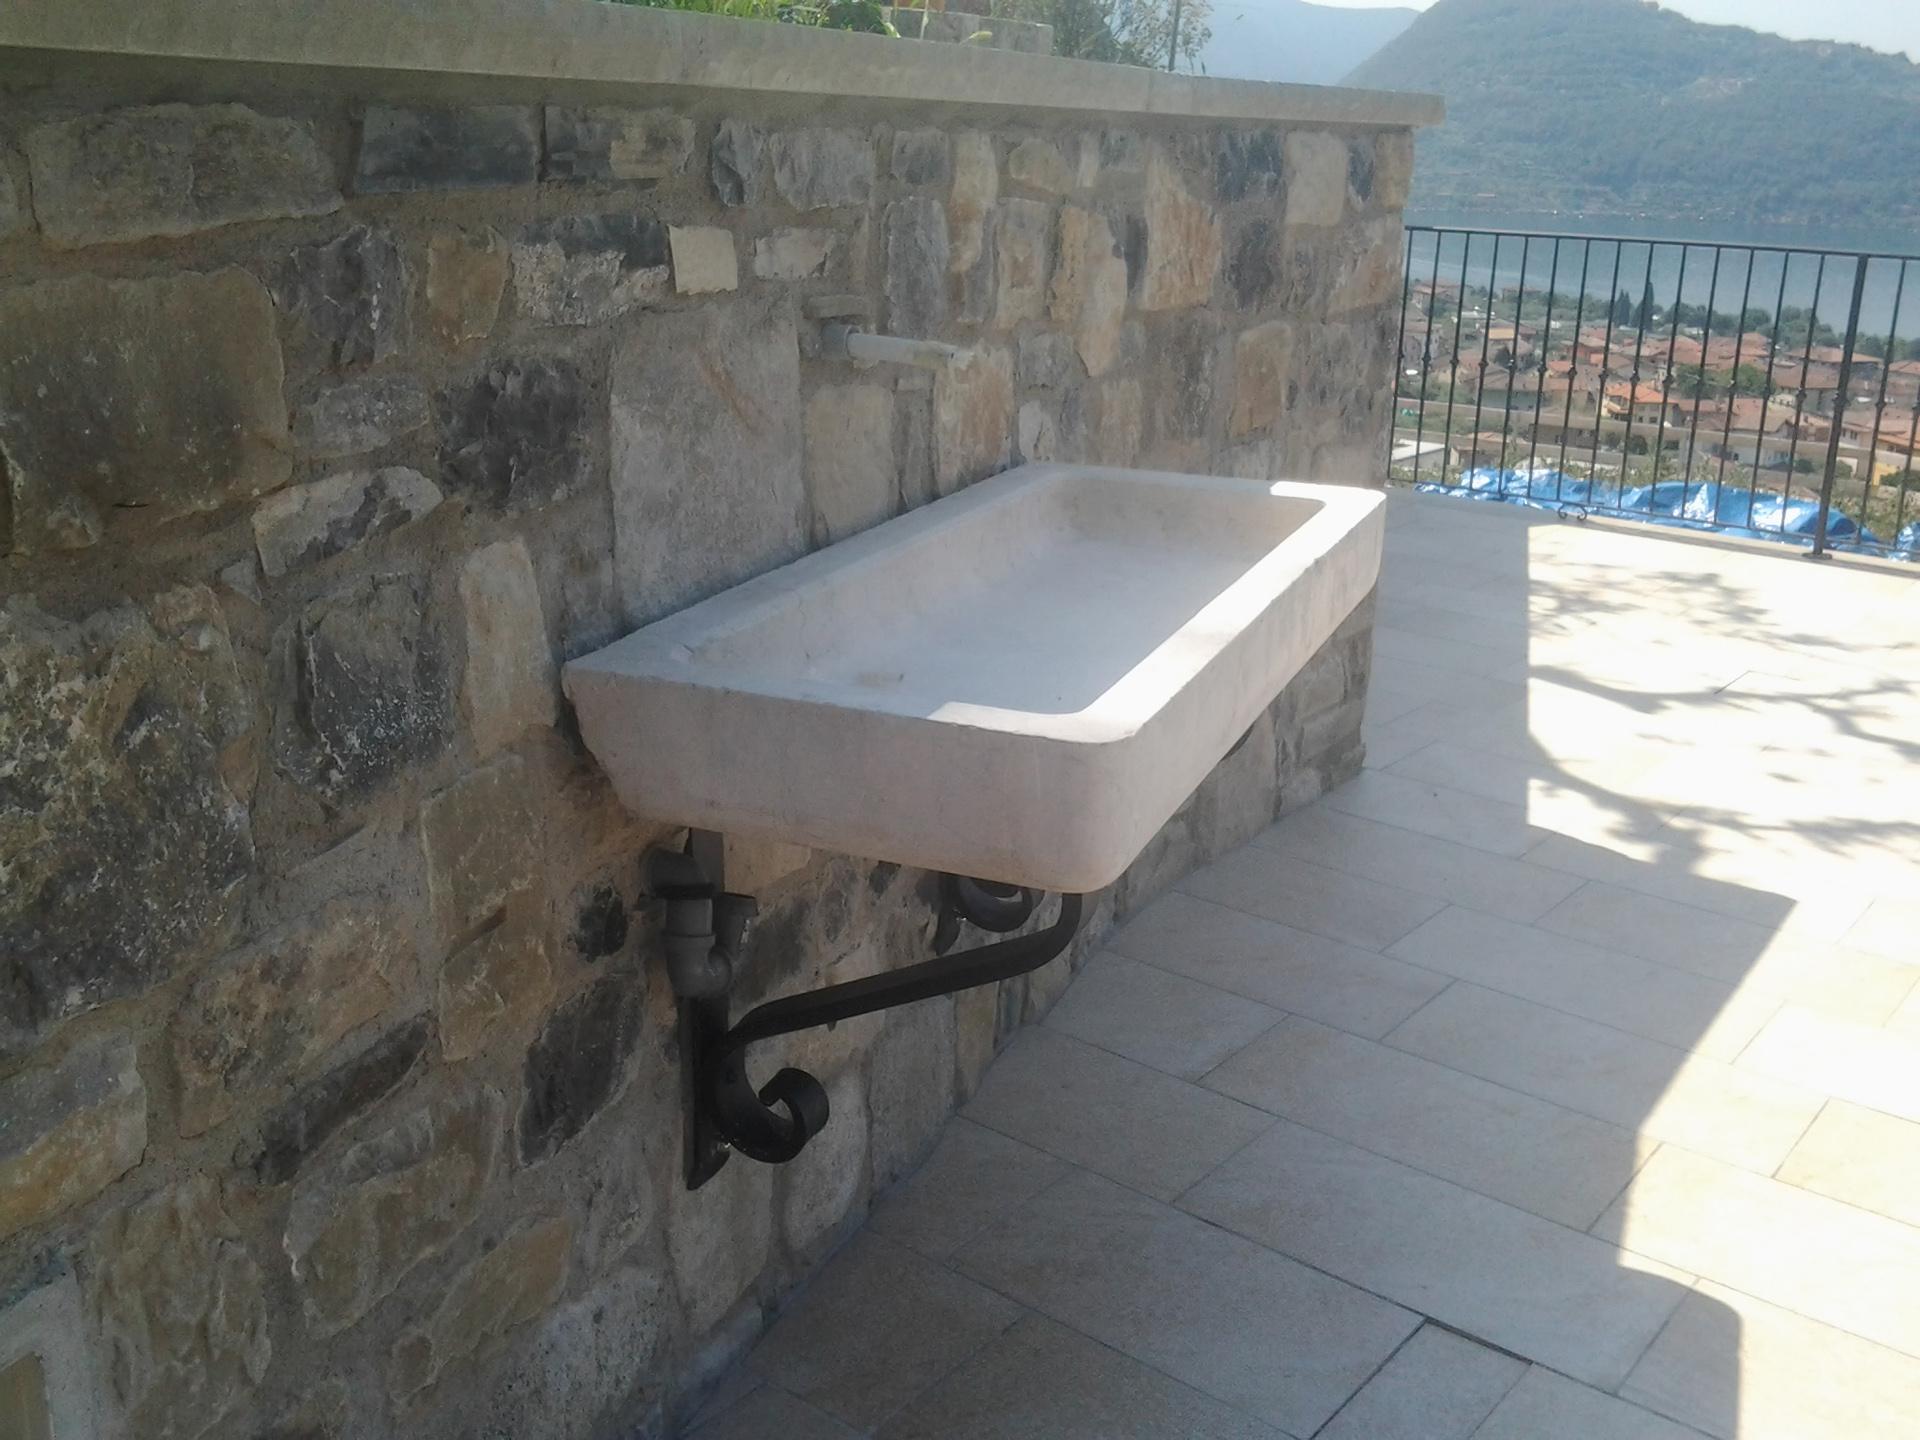 Vasca Giardino Pietra : Vasca in pietra per giardino u moloney